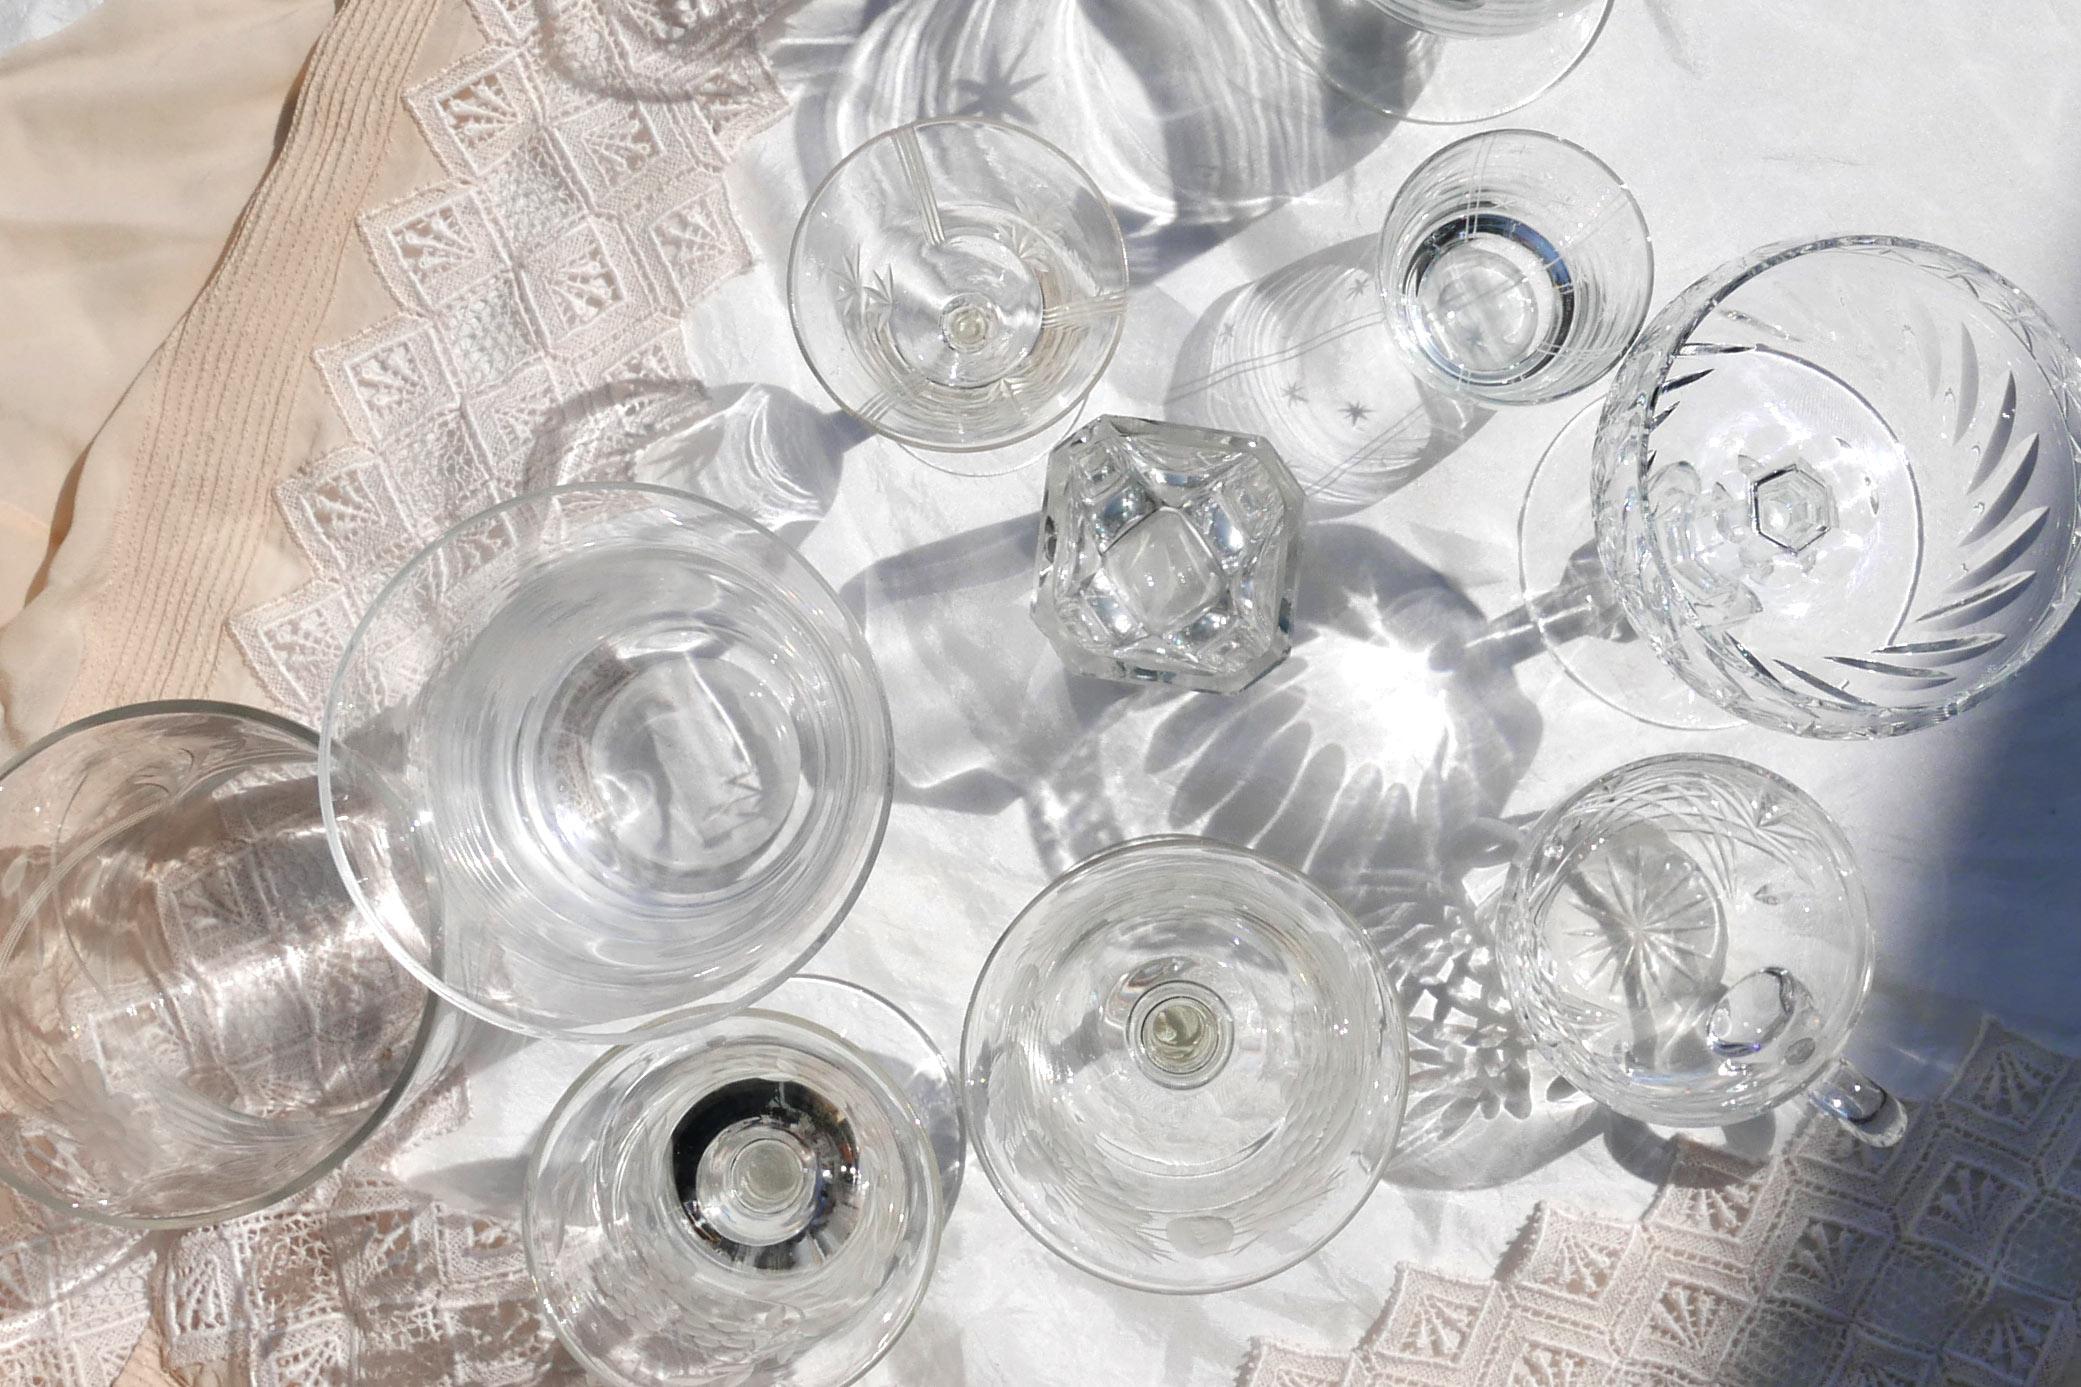 Kristall Gefäße von oben Licht und Klarheit